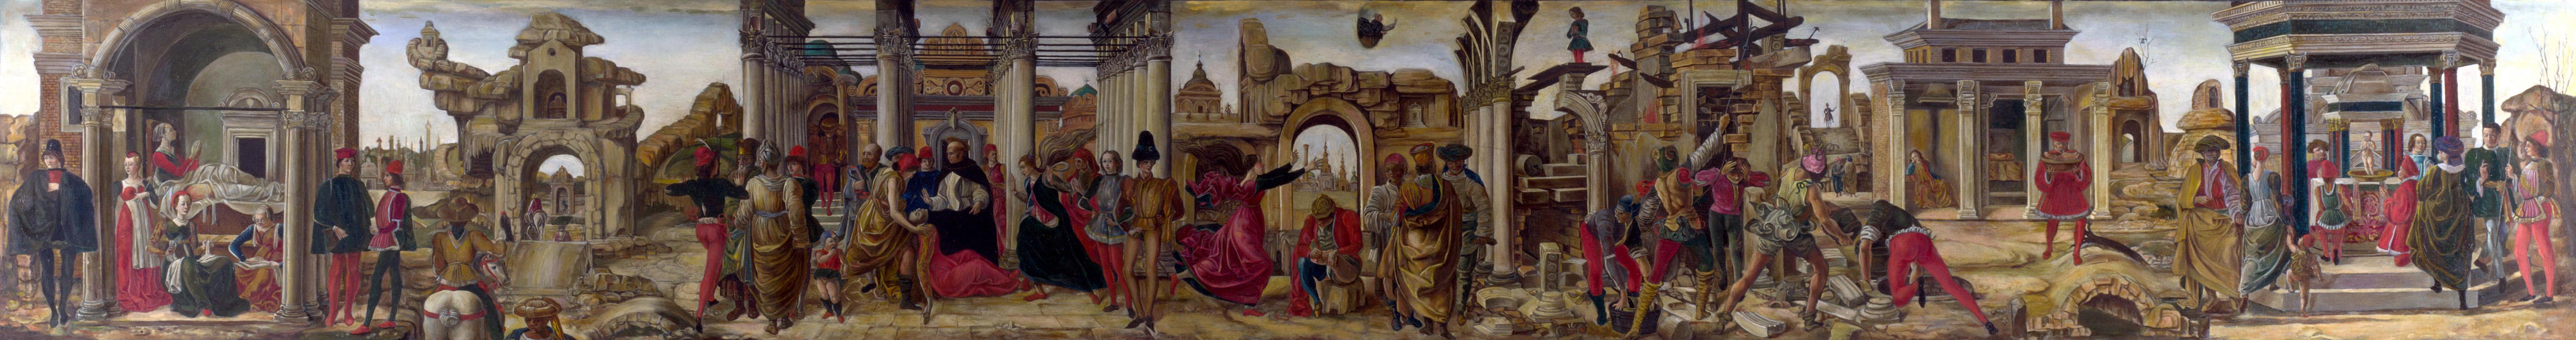 Франческо дель Косса. Сцены из жизни Святого Винсента Феррера